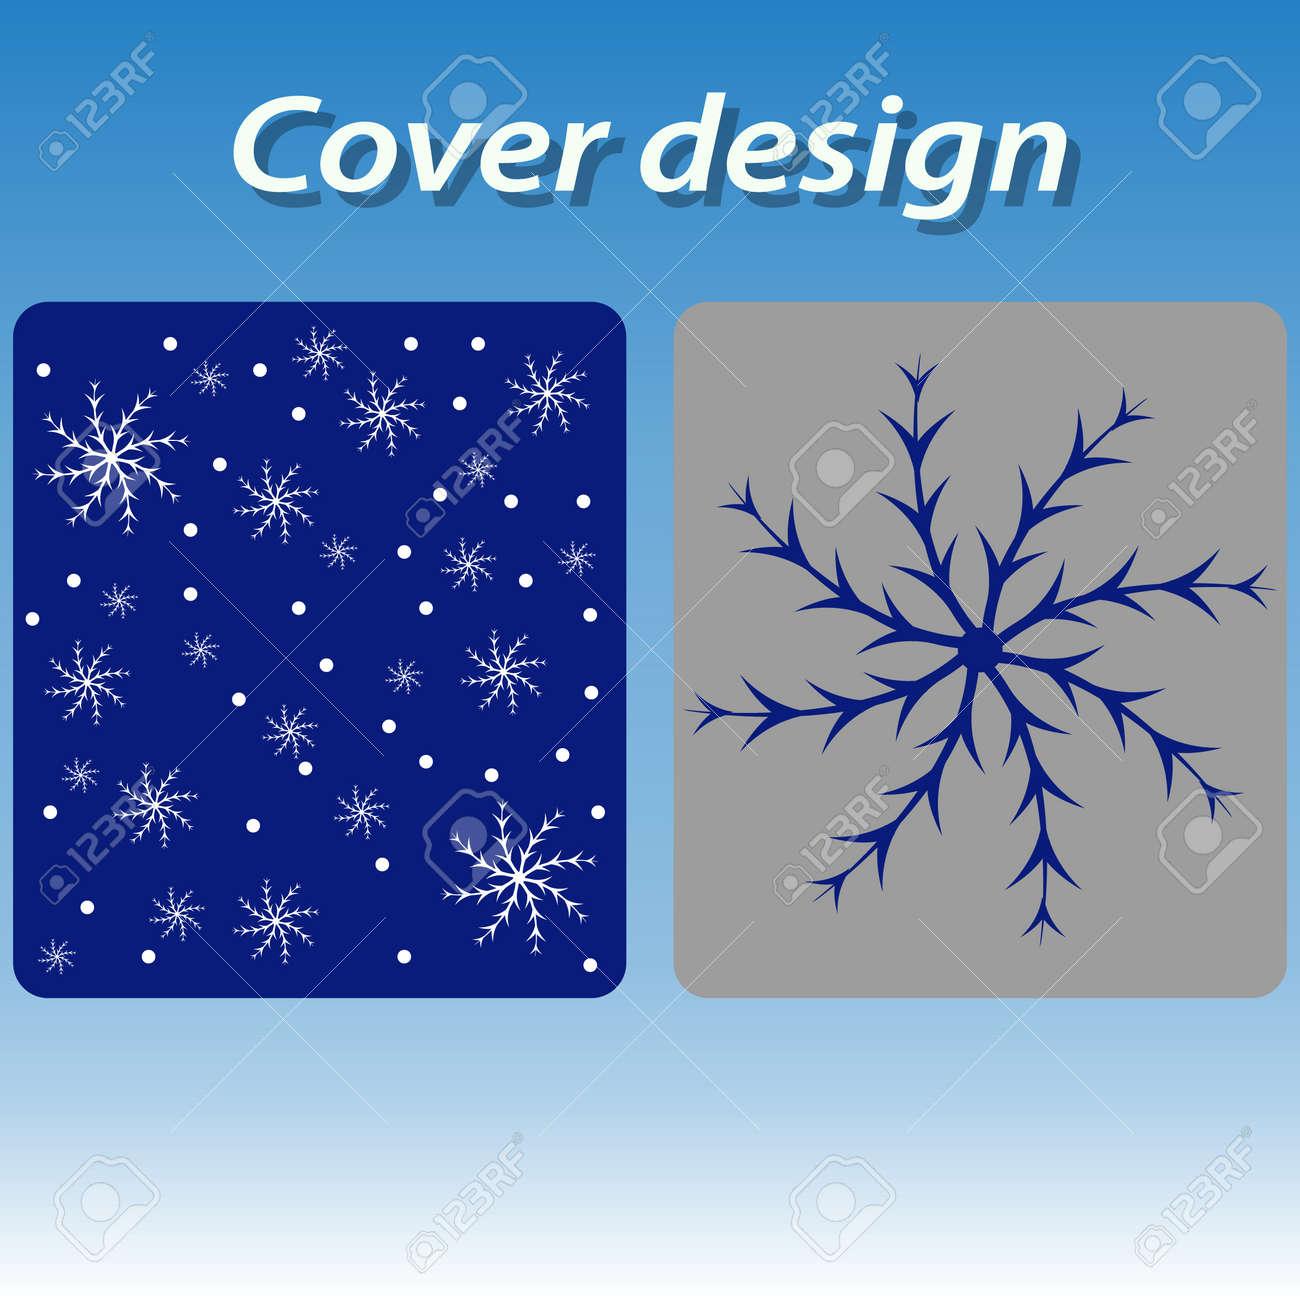 Diseño De Portada Para Imprimir Con Copos De Nieve Azules